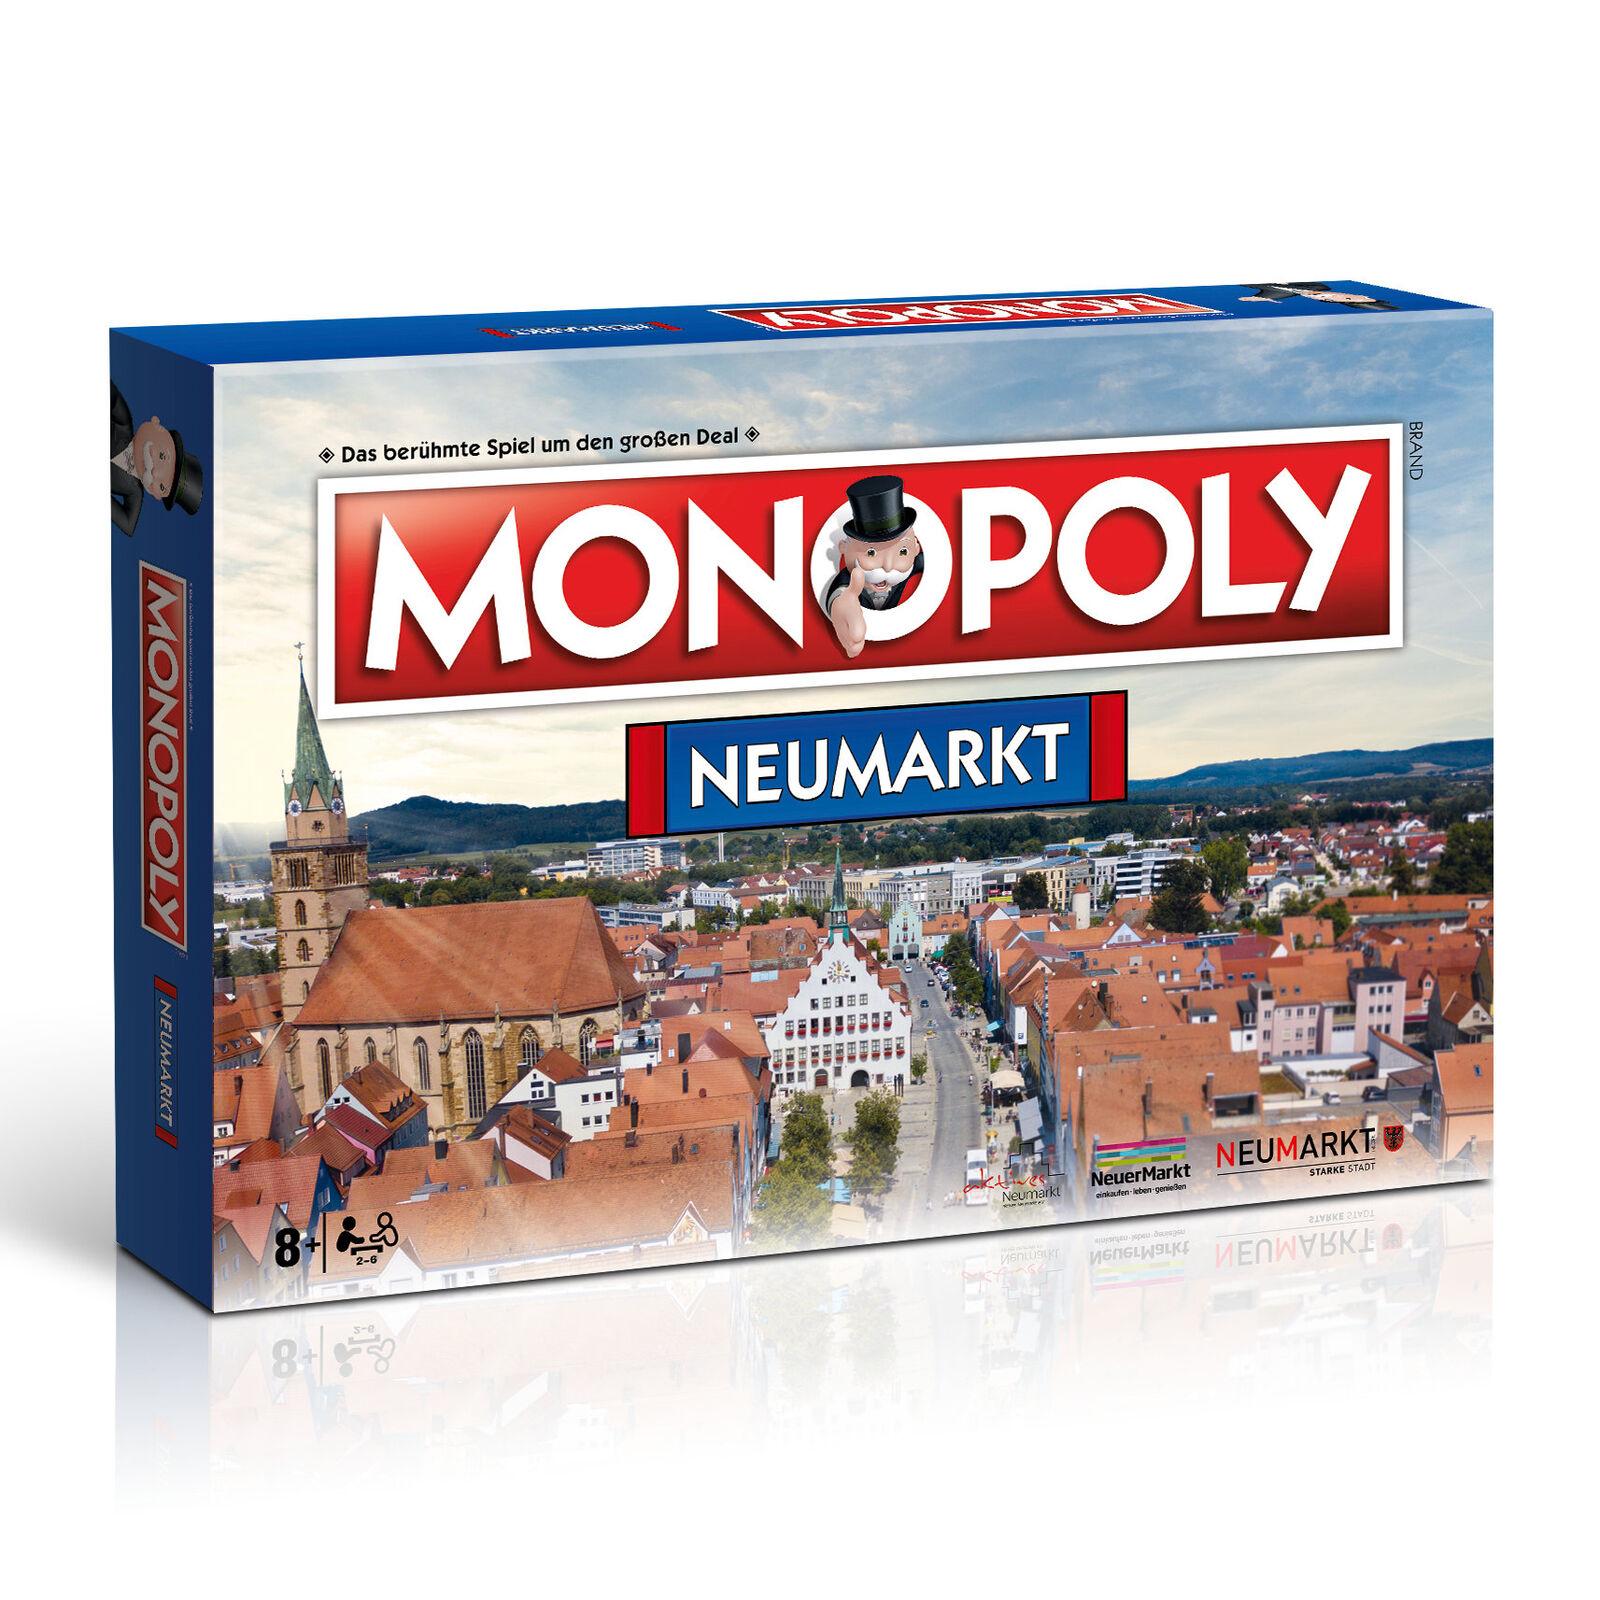 Monopol neumarkt city edition stadtedition spiel partyspiel brettspiel